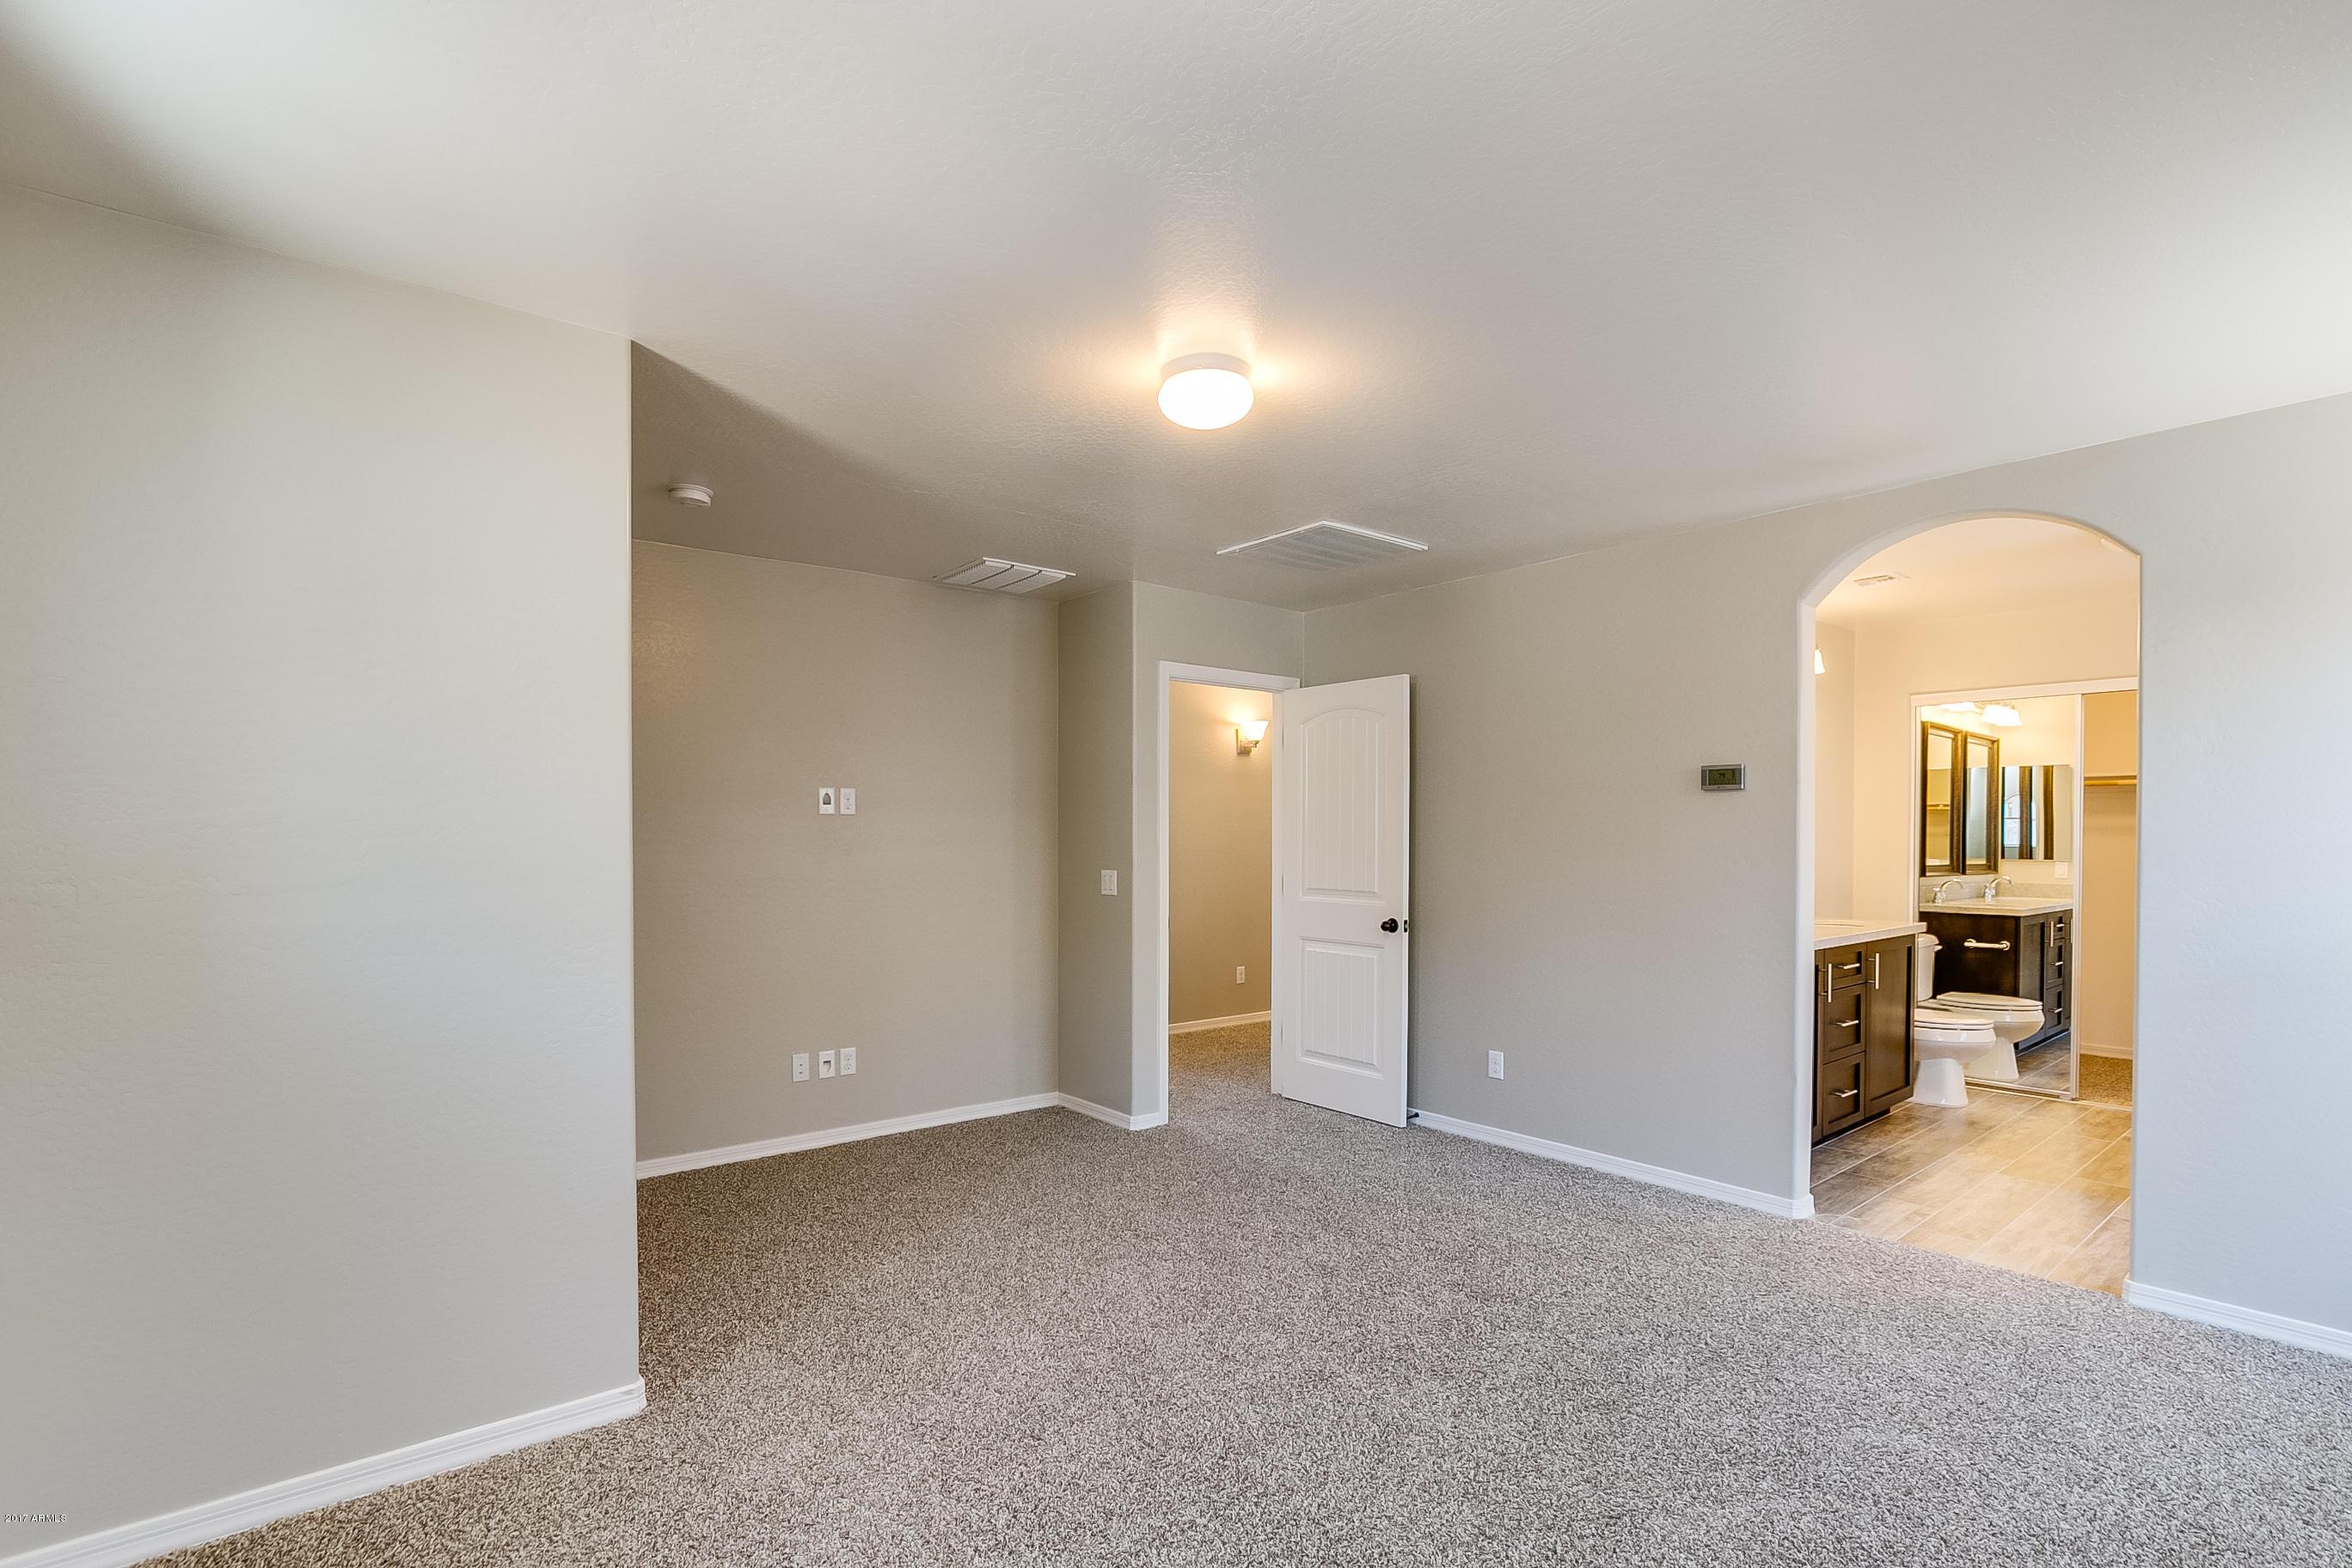 13300 N 149TH Avenue Surprise, AZ 85379 - MLS #: 5642384